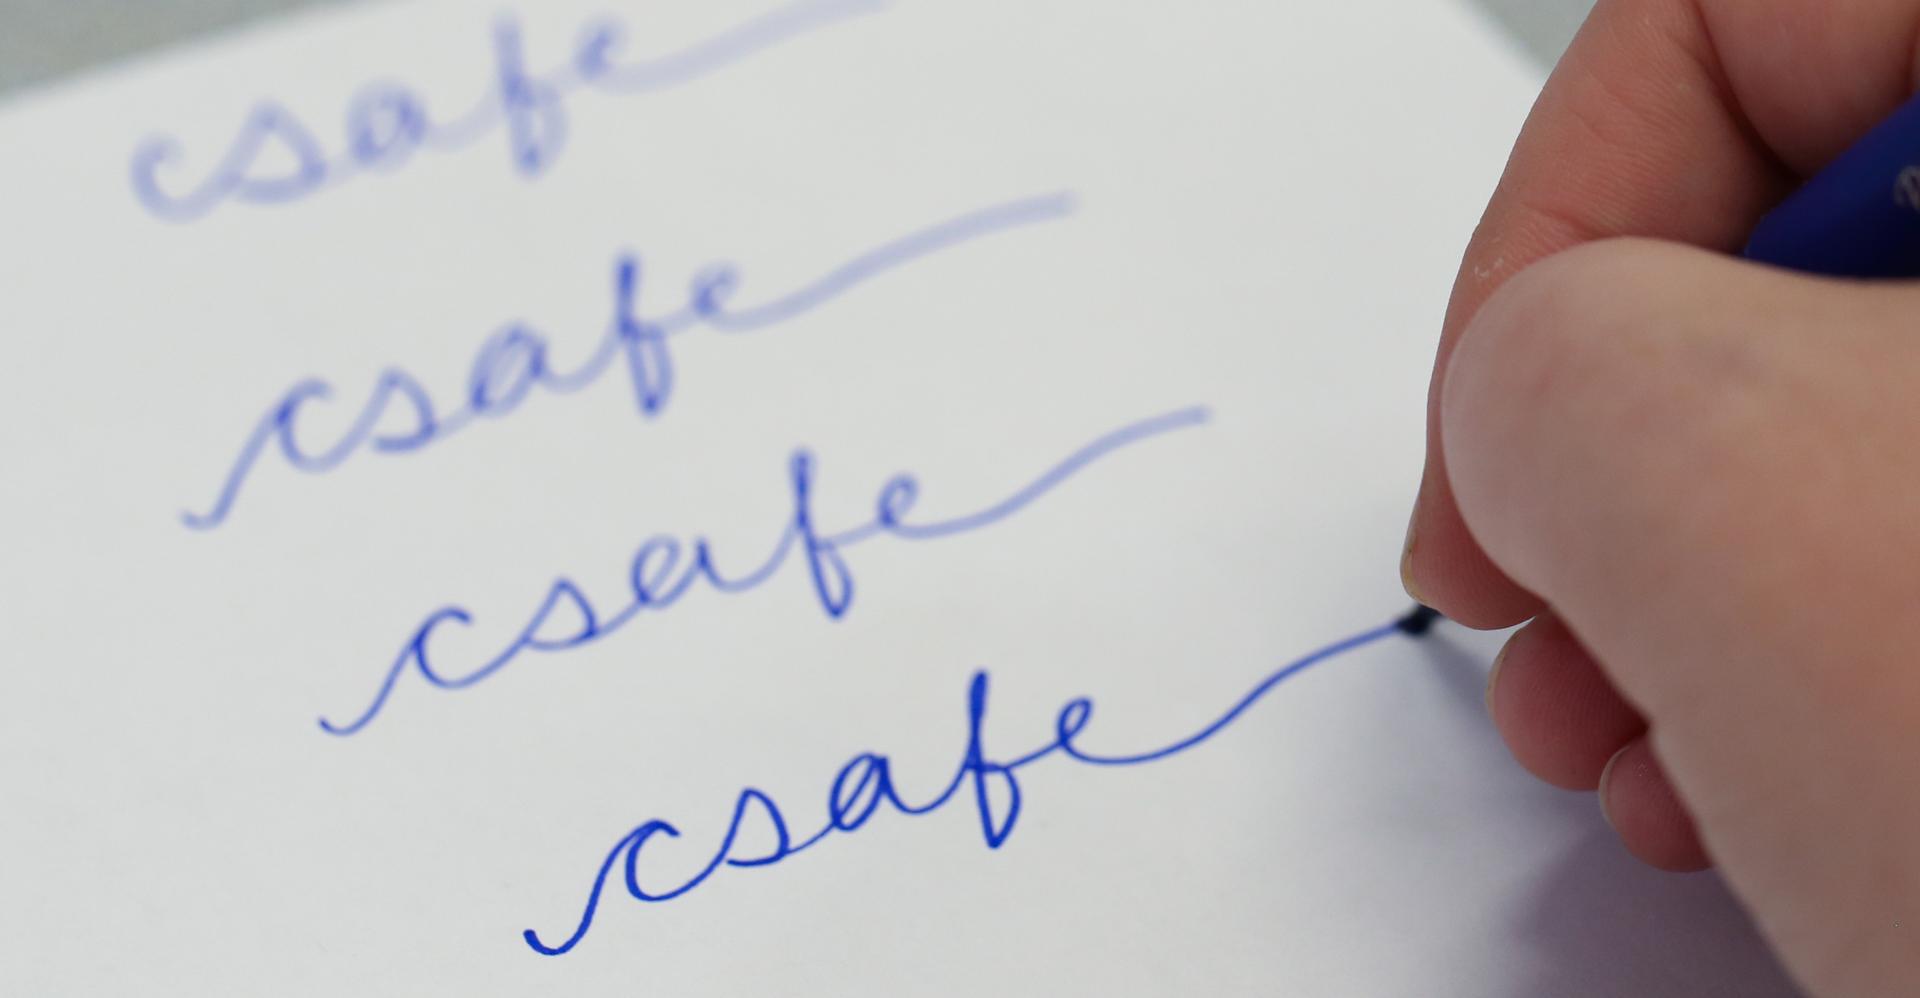 Writing CSAFE